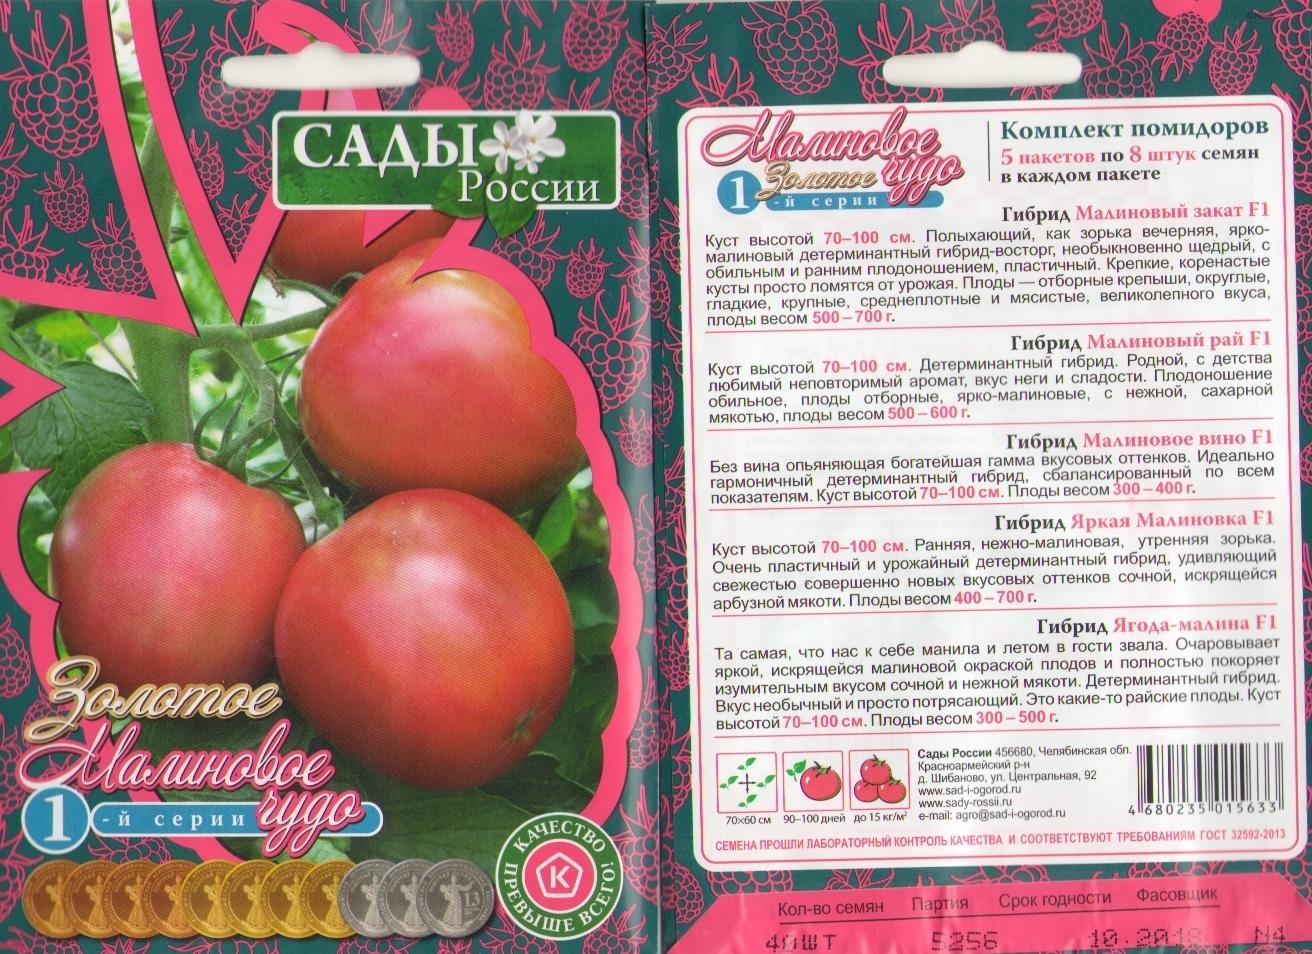 Семена оптом: пять сортов, моментально раскупаемых в розницу